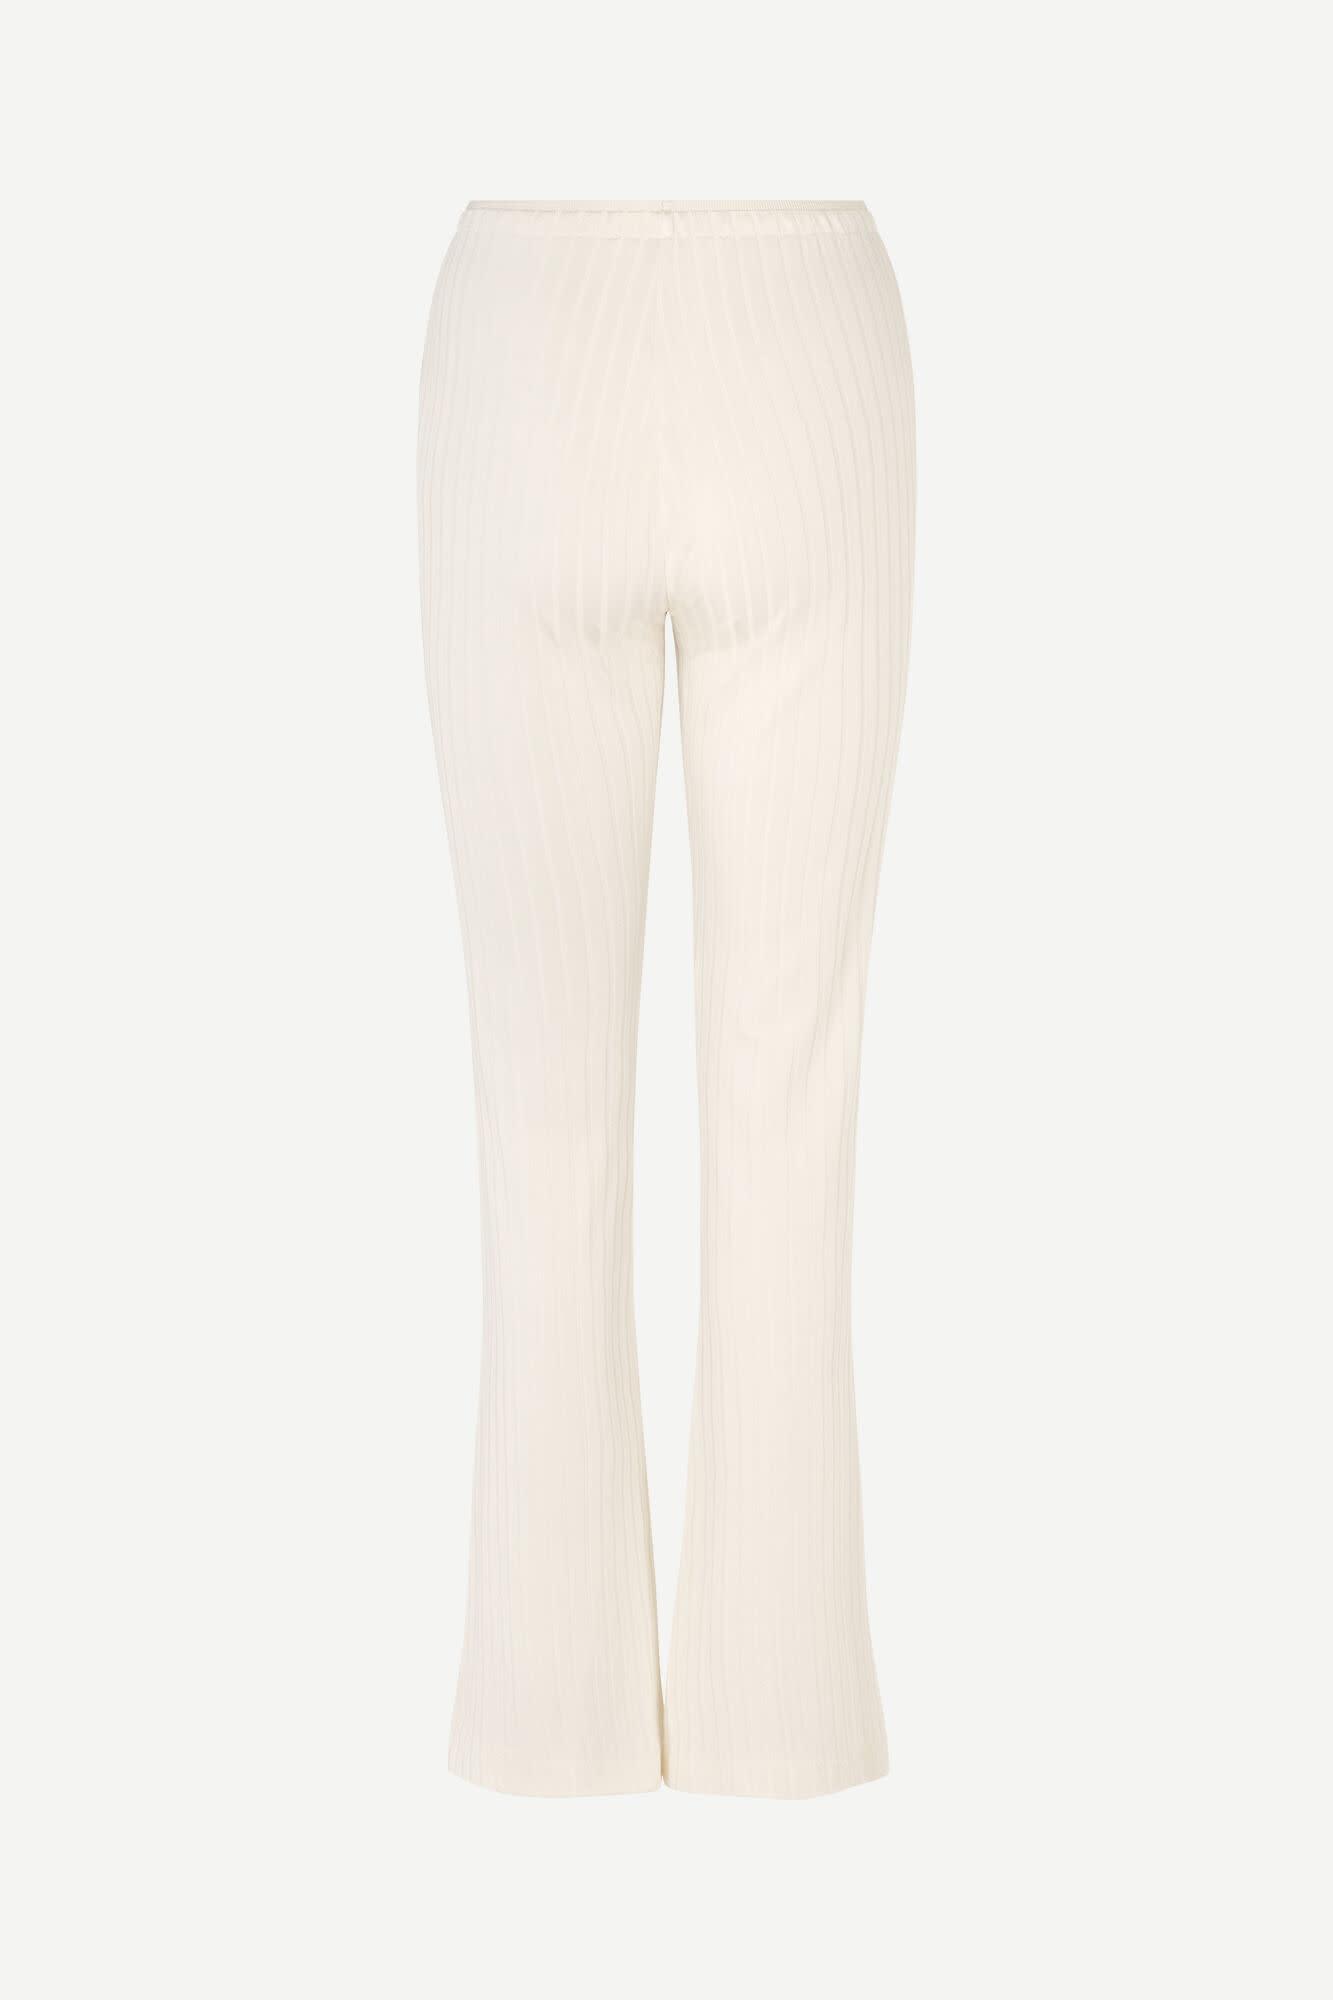 Camoua Eggnog White Trouser-2